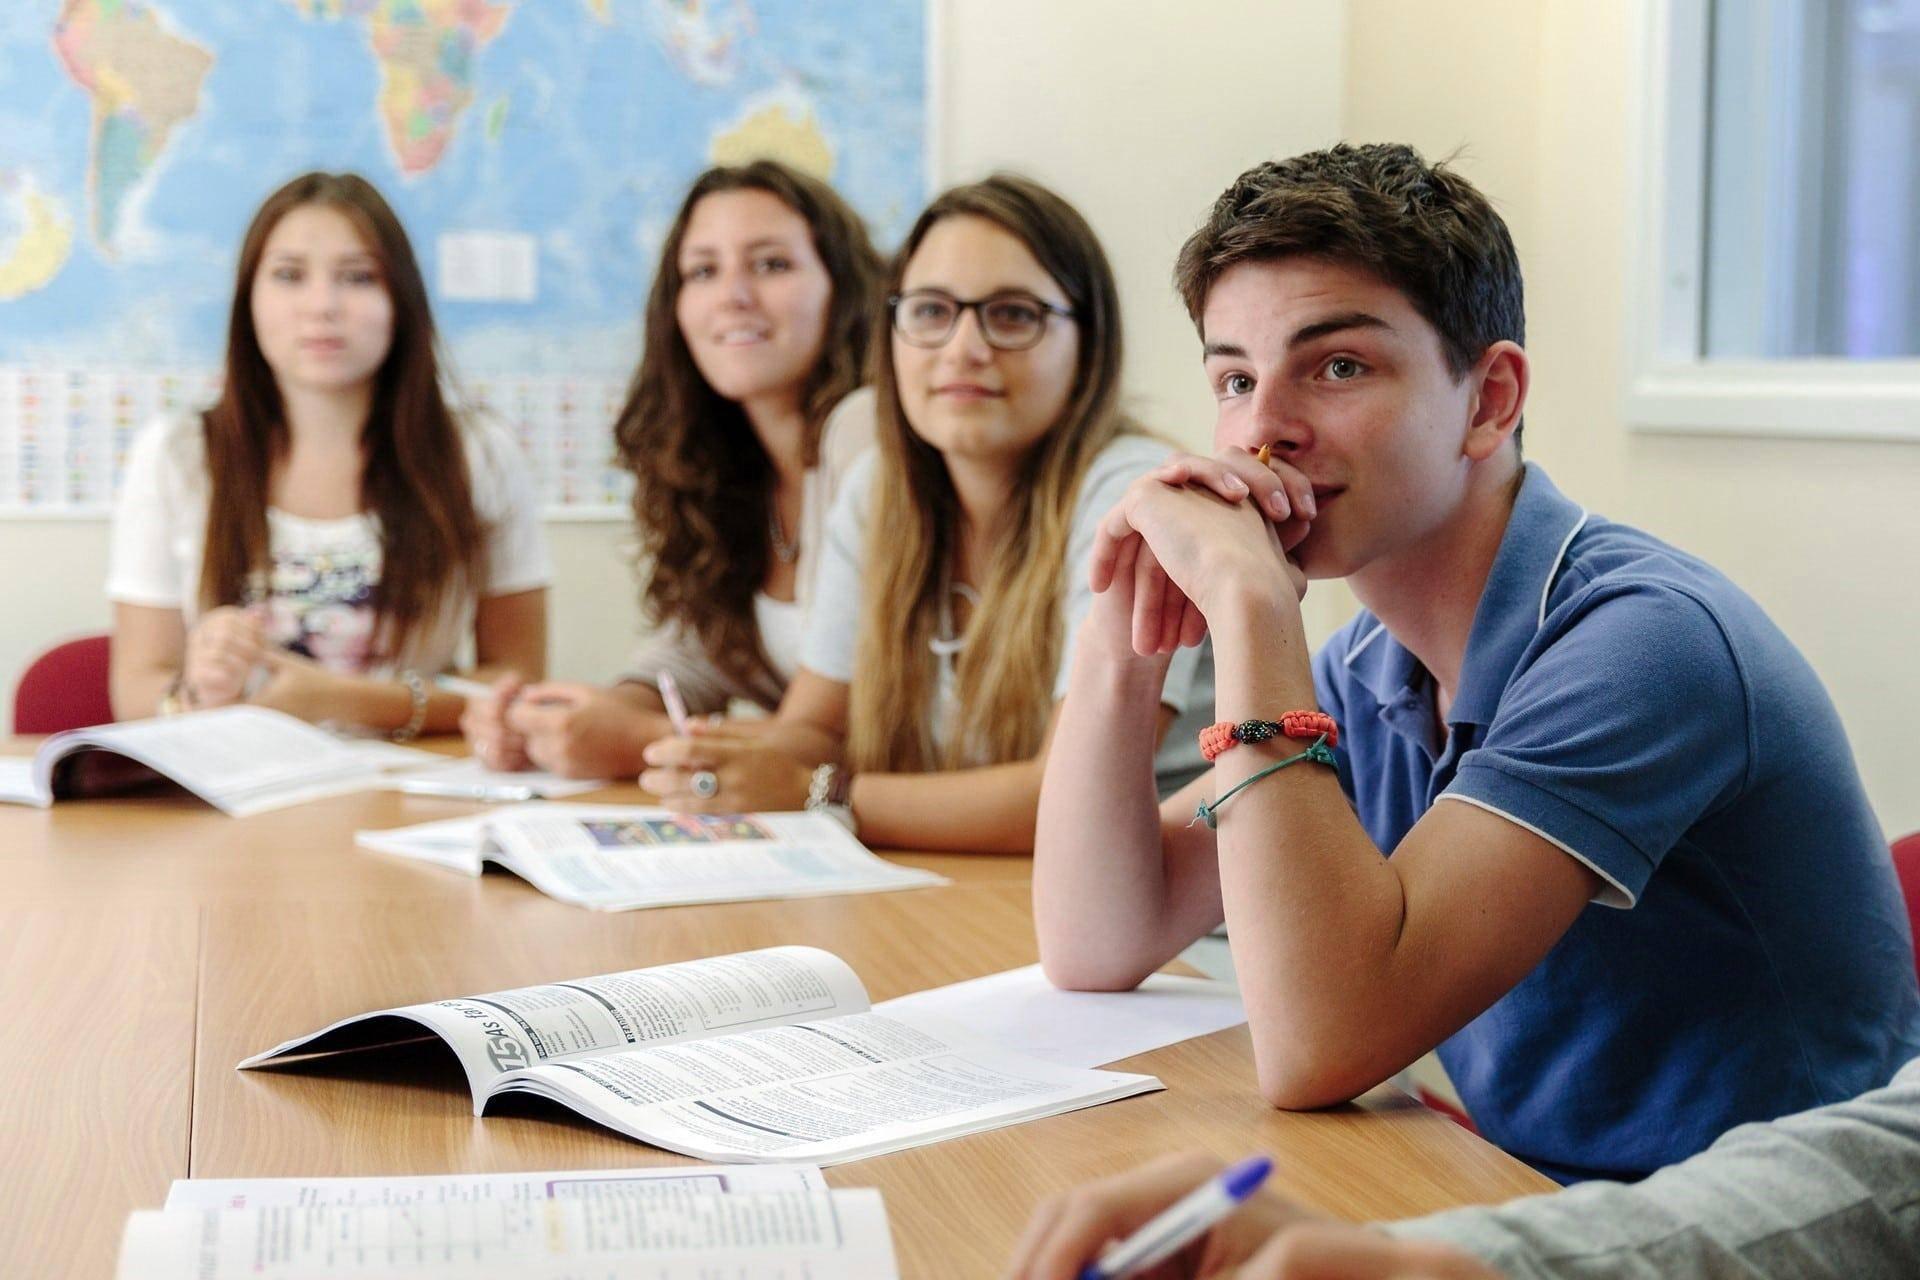 Языковые курсы в чехии: обзор школ и стоимость курсов чешского языка